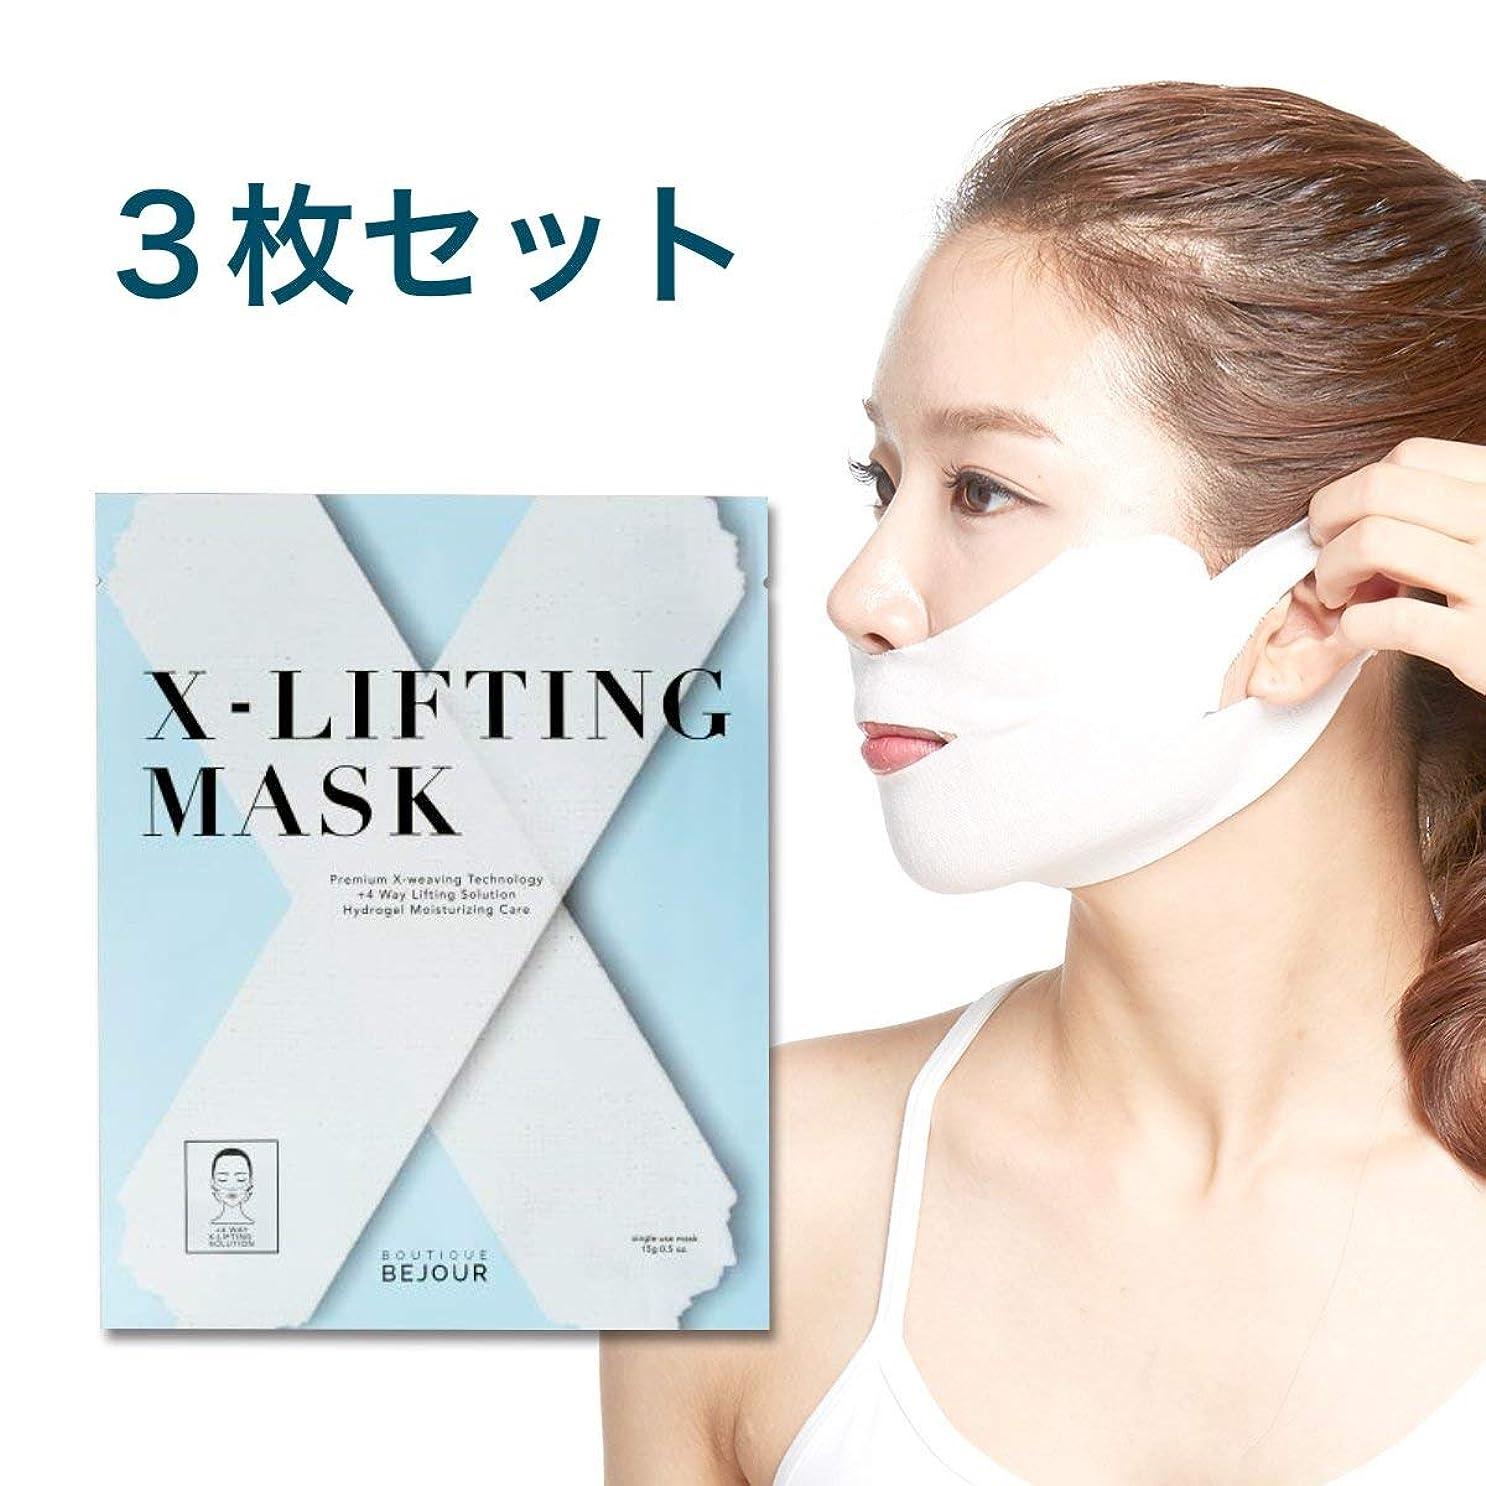 として政治家アクセル【3枚セット】< ビジュール > X-Lifting (エックスリフティング) マスク [ リフトアップ フェイスマスク フェイスシート フェイスパック フェイシャルマスク シートマスク フェイシャルシート フェイシャルパック ローションマスク ローションパック 顔パック